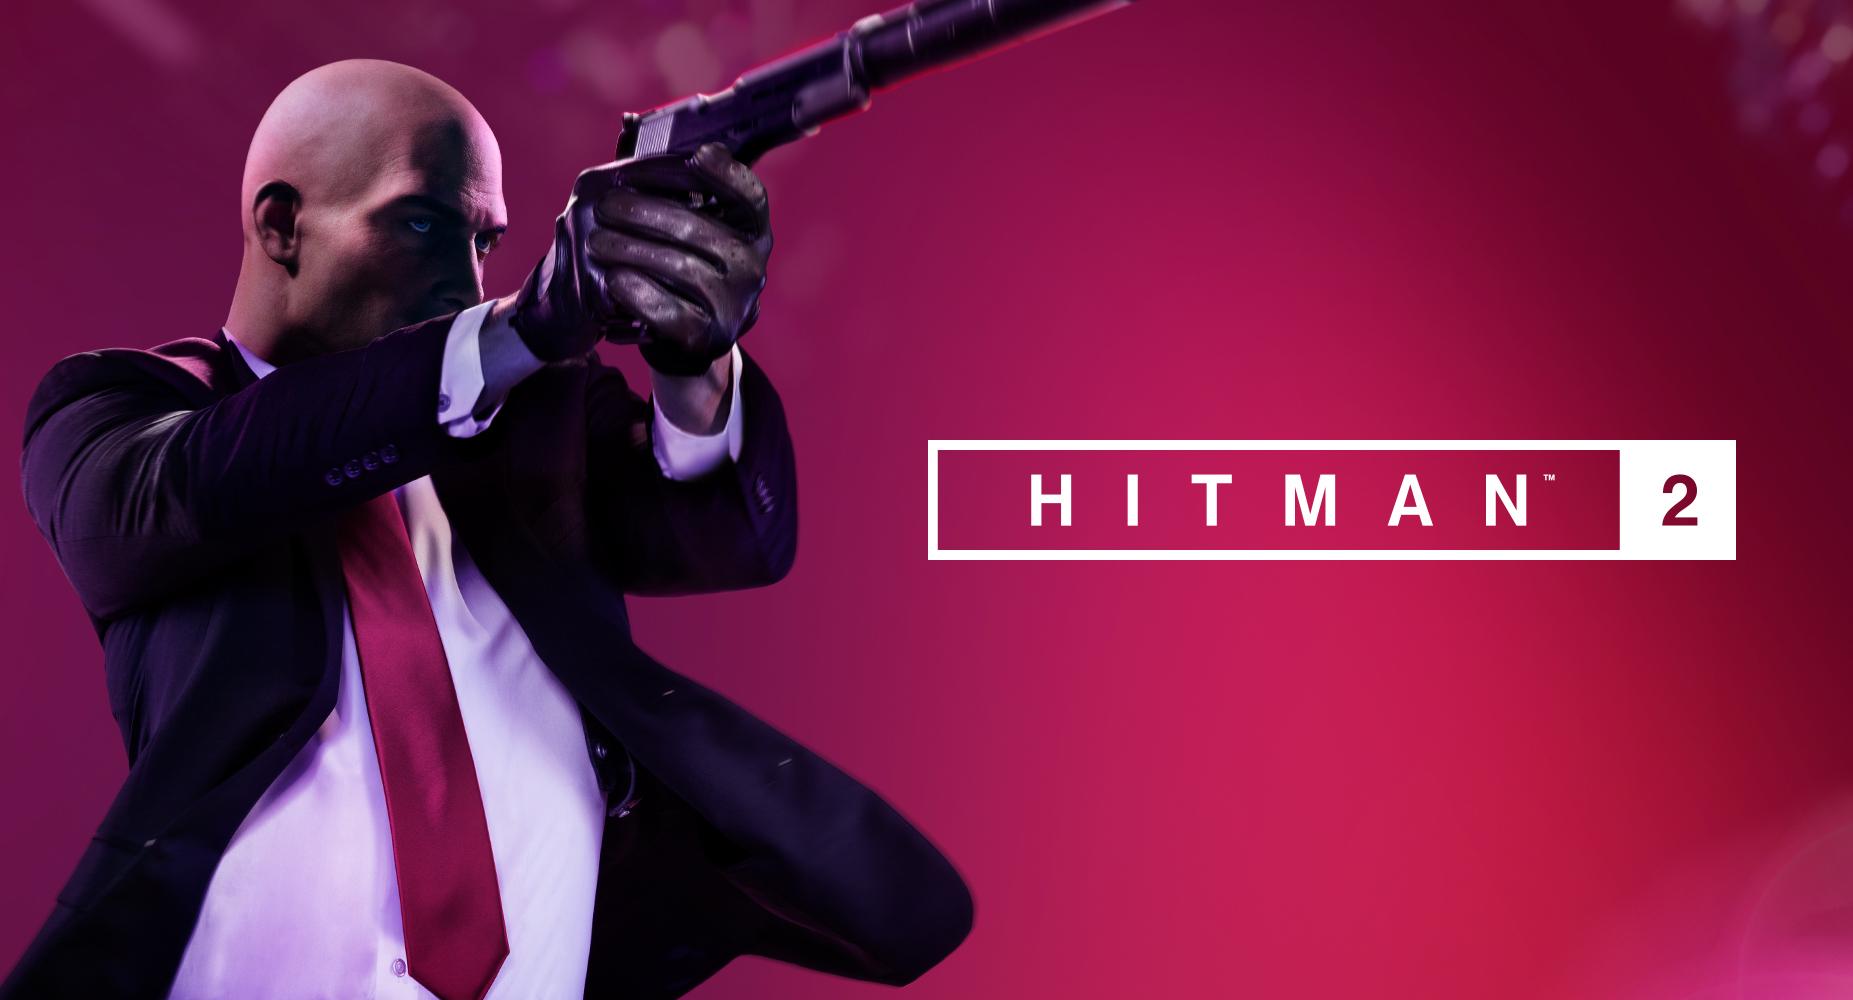 Hitman 2 Обновление версии 1.20 Полный Патч Примечания (PS4, Xbox One, ПК)